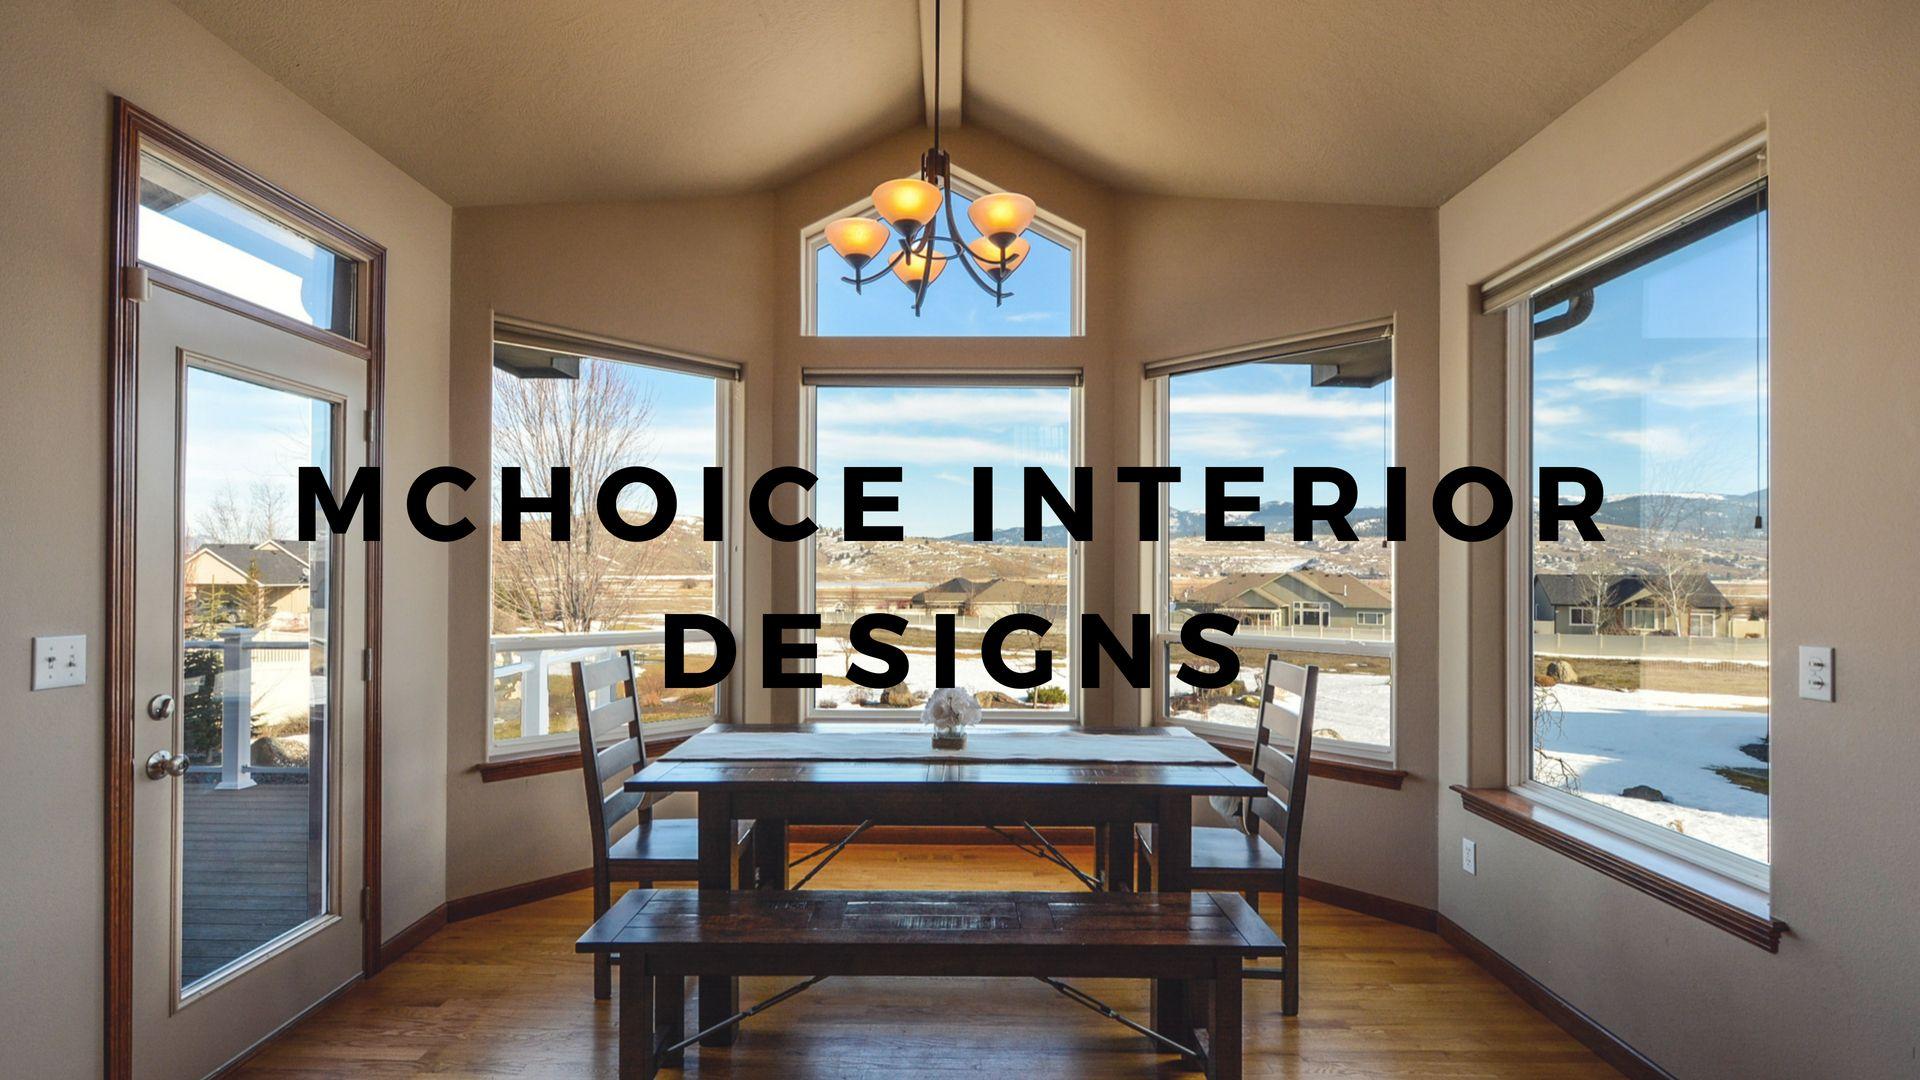 Best interior designers in chennai interiordesign interiordesigners design decor also mchoice designs pinterest rh